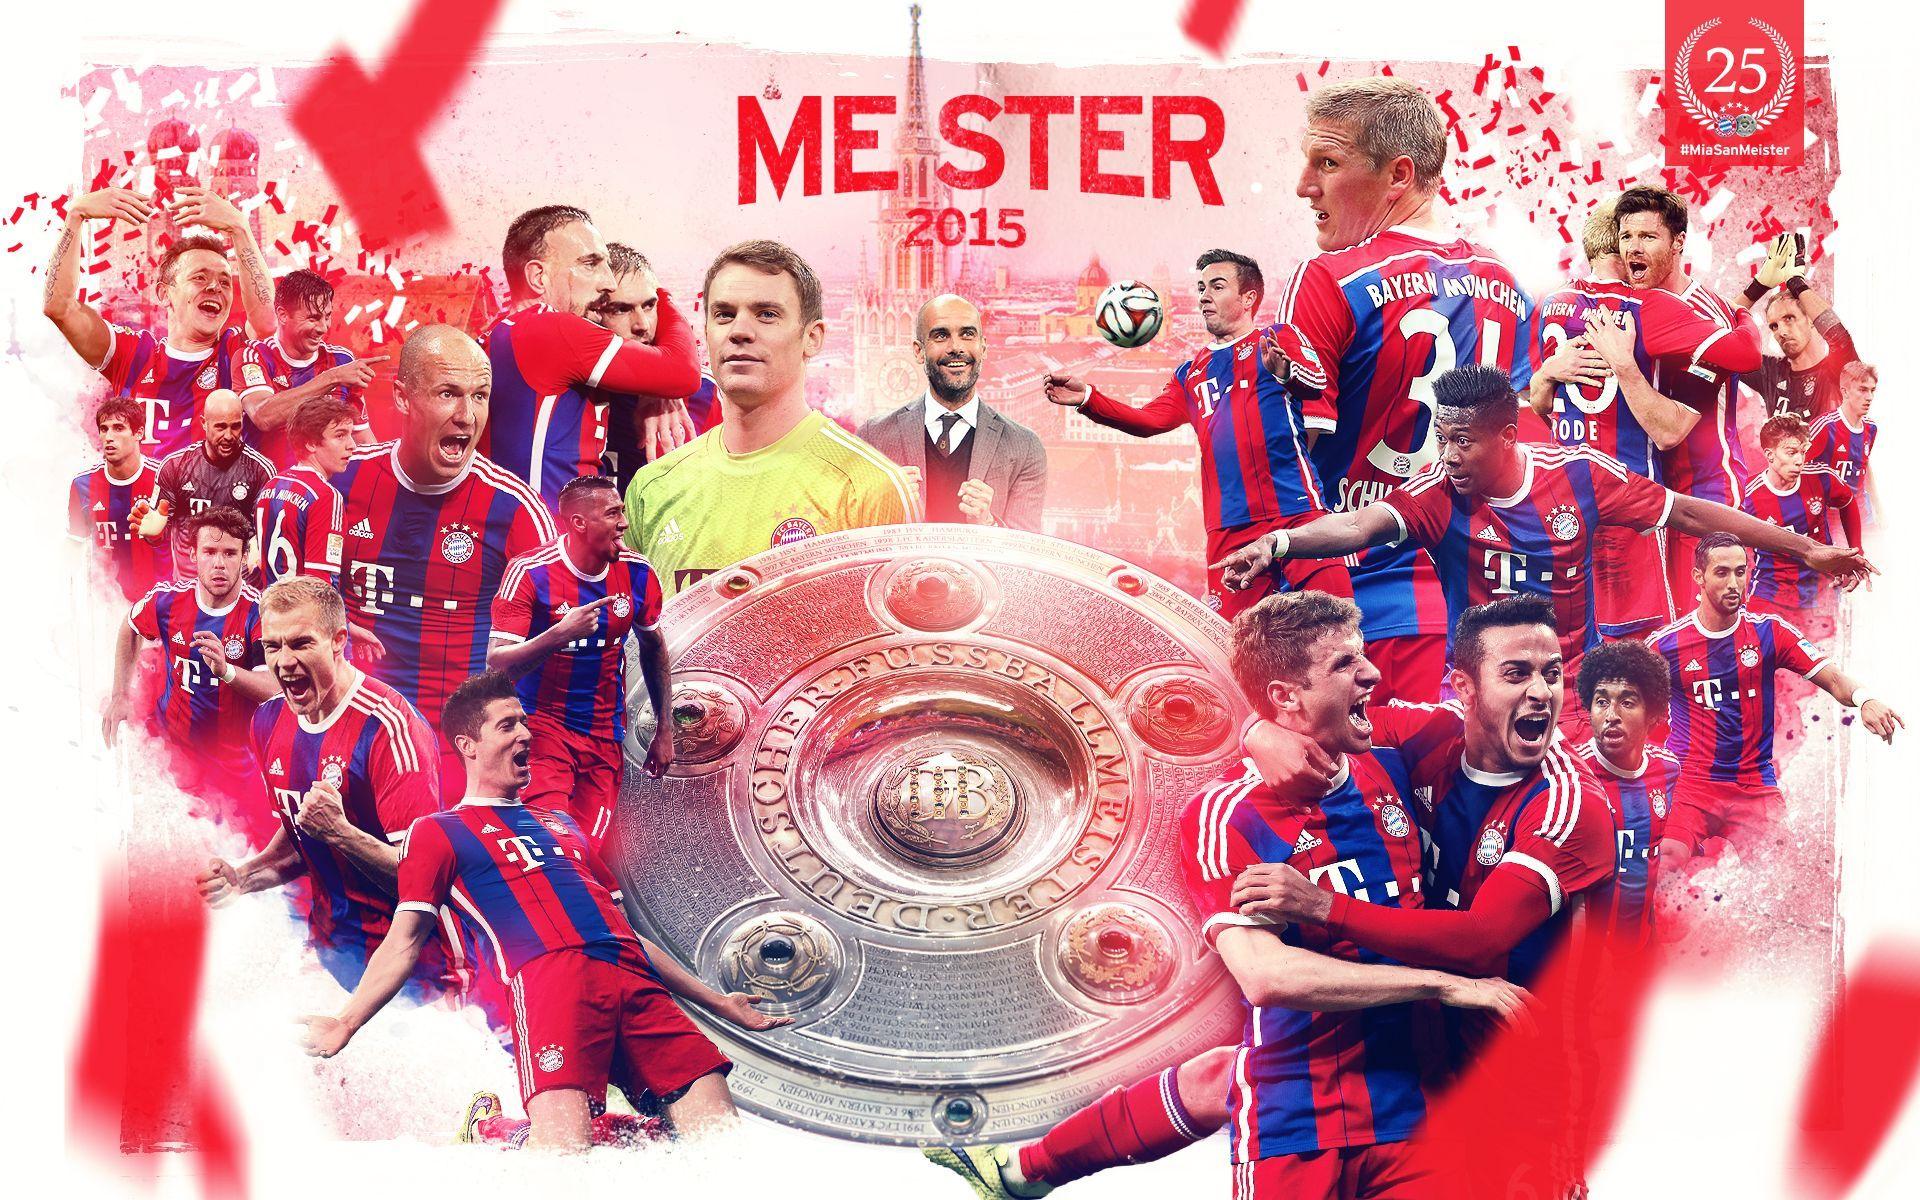 9196 - ¿Qué jugador del Bayern München eres?